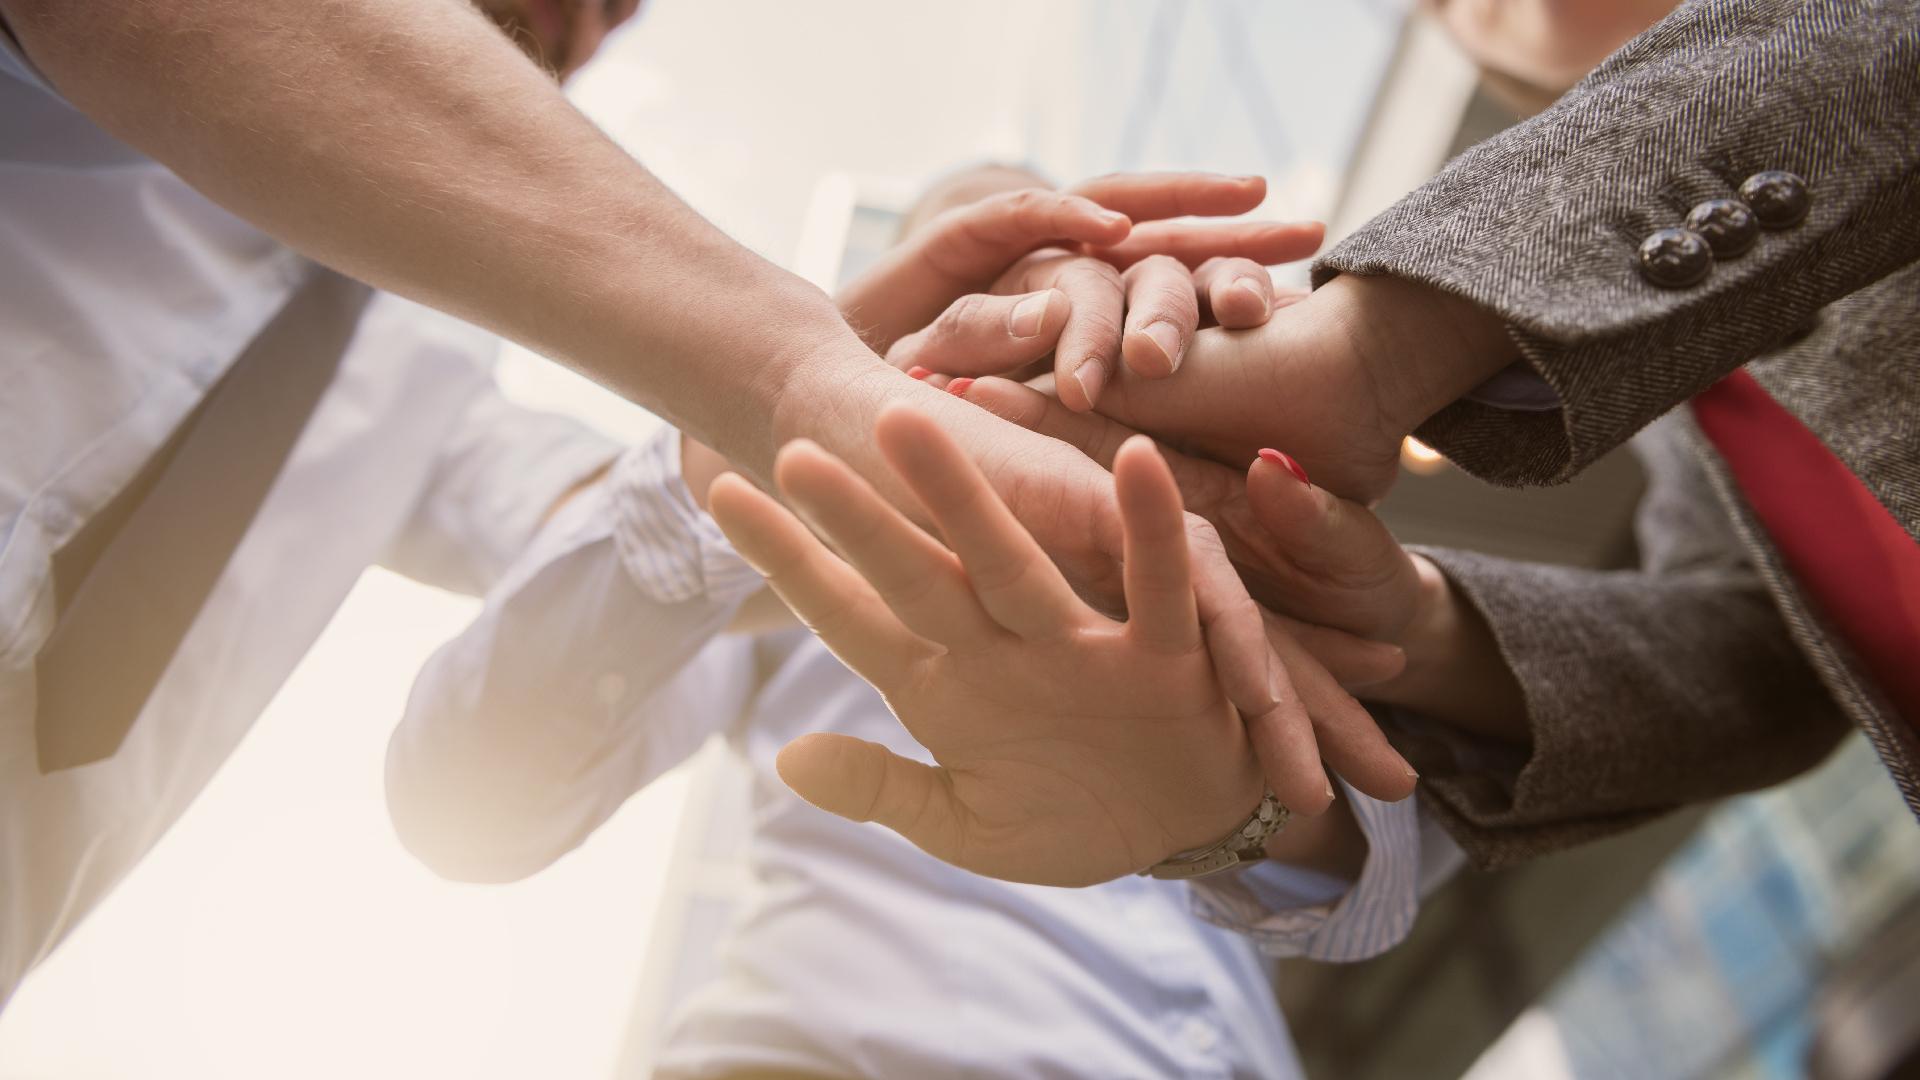 Agradeciendo para fortalecer la colaboración de todos